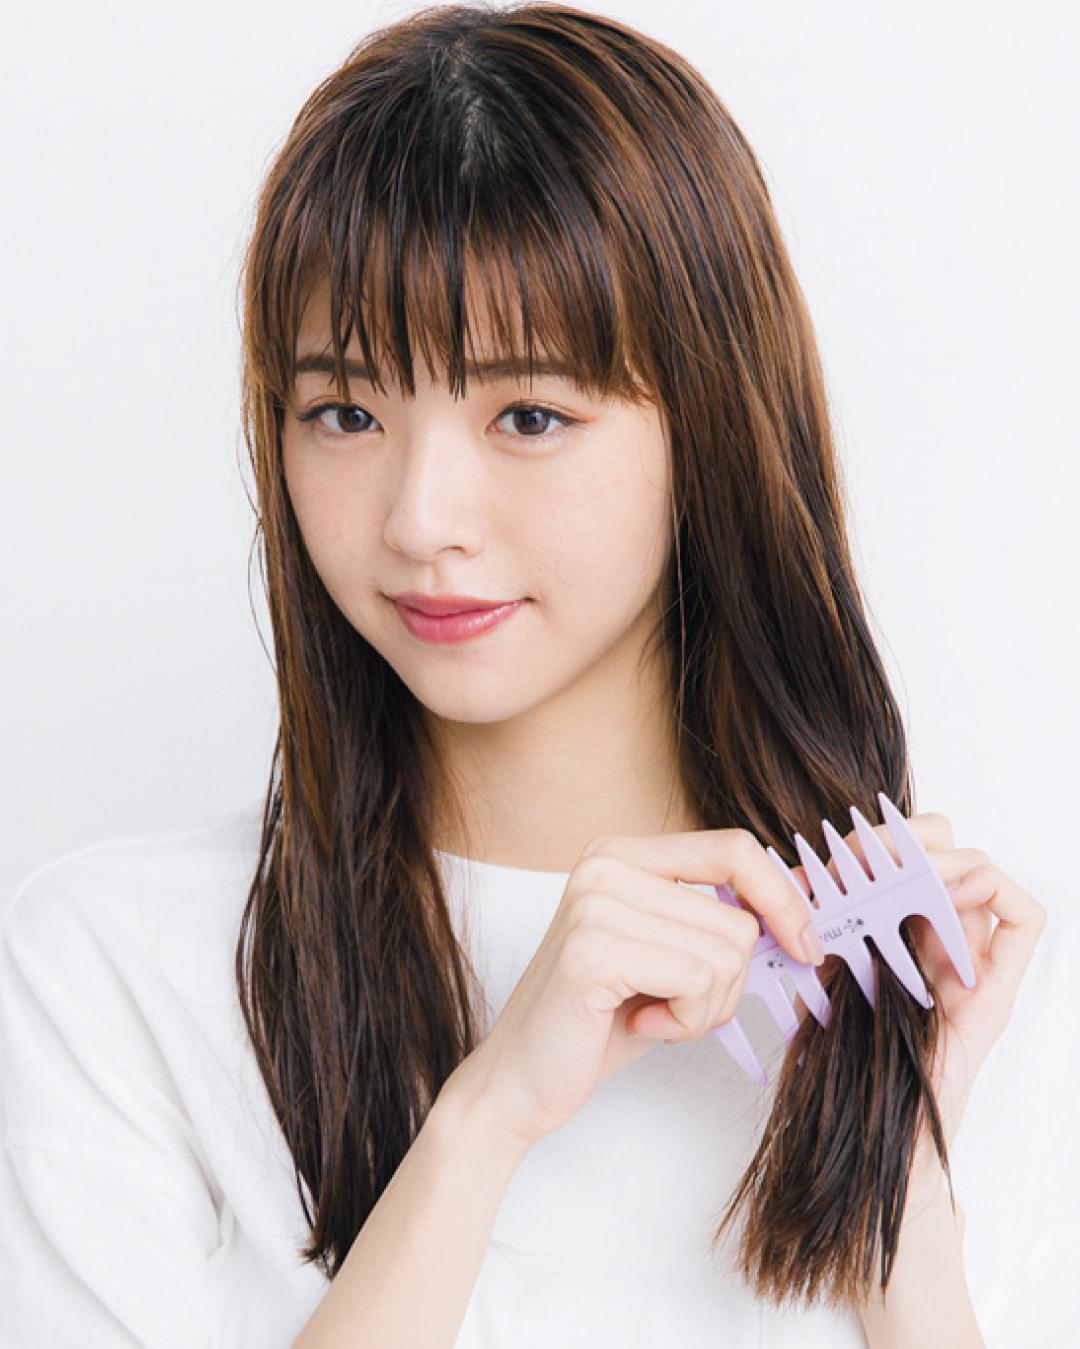 ぬれた状態は傷みやすいので、髪を引っかけないよう目の粗いコームを使おう。マペペ ダブルメッシュコーム ¥400/シャンティ